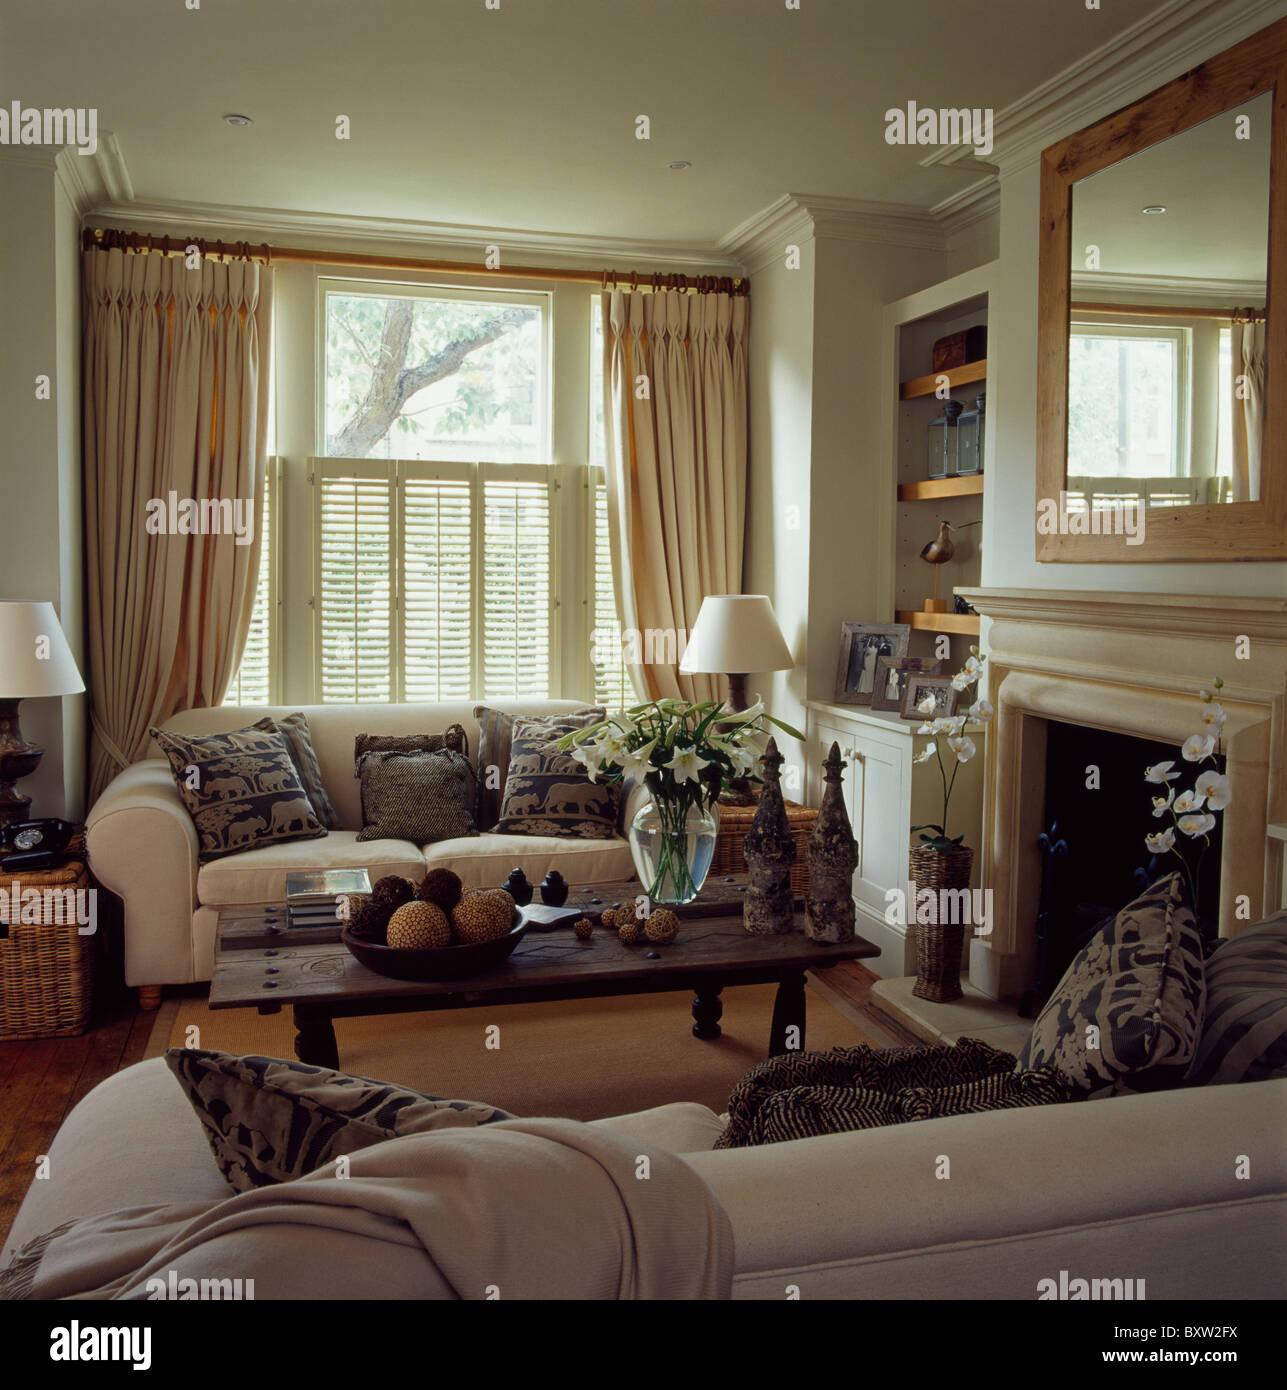 Cremefarbenen Sofas Im Wohnzimmer Stadthaus Mit Vorhngen Und Plantage Fensterlden Auf Fenster